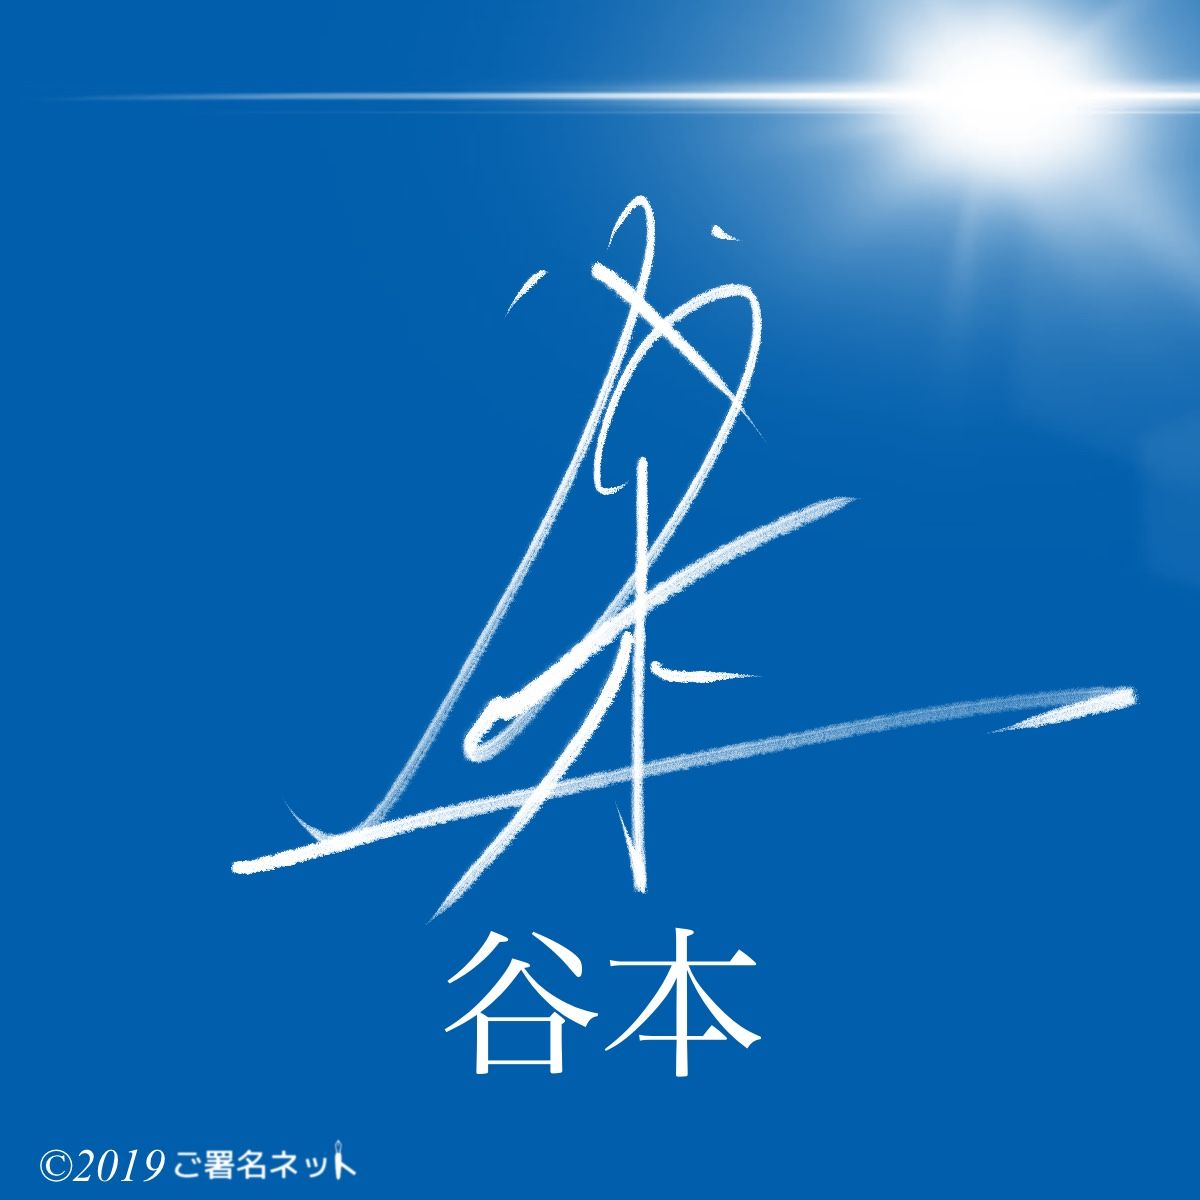 ボード 漢字サインの作品例 力強い やさしい おしゃれなど Autograph Design Kanji のピン